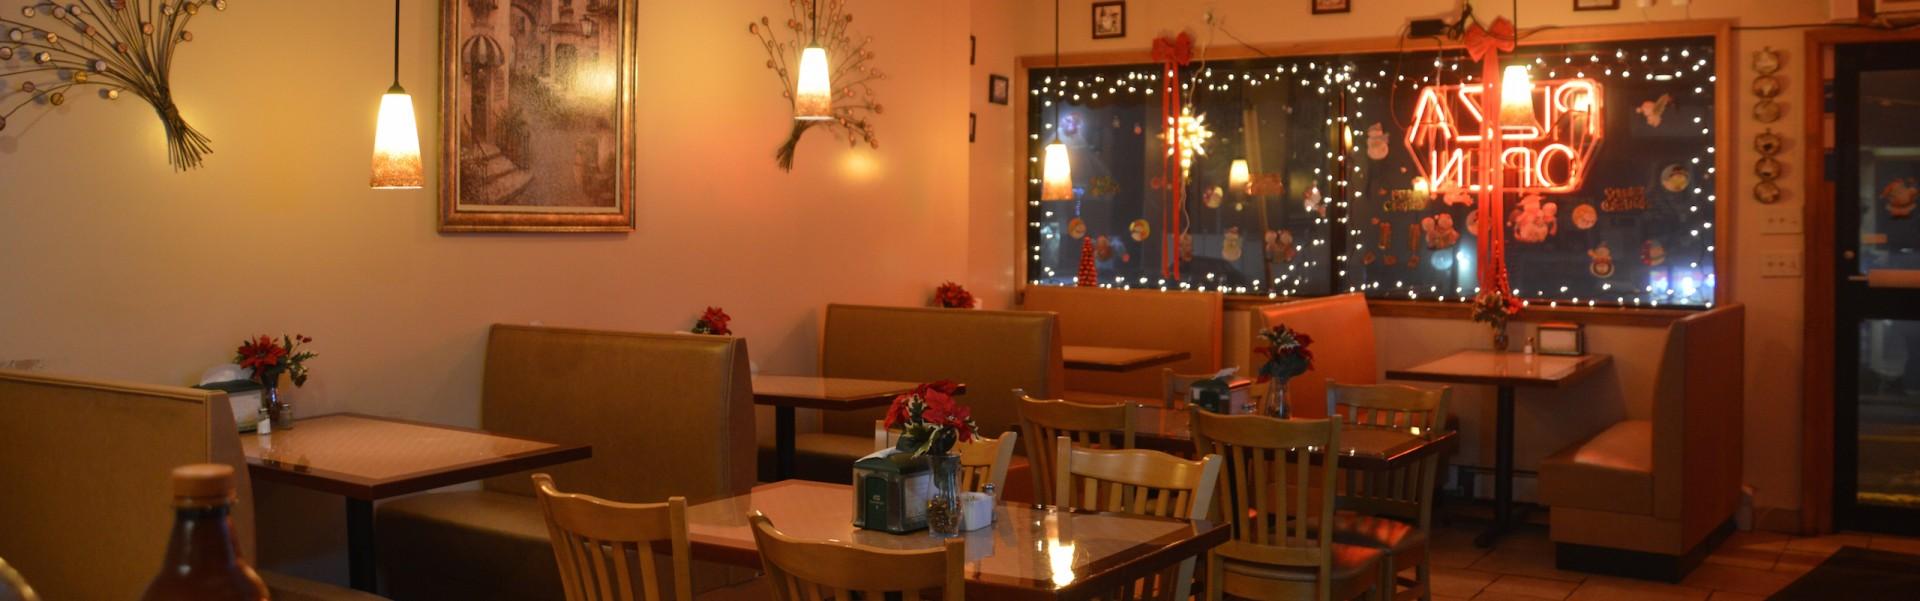 Giuseppes Pizzeria & Restaurant